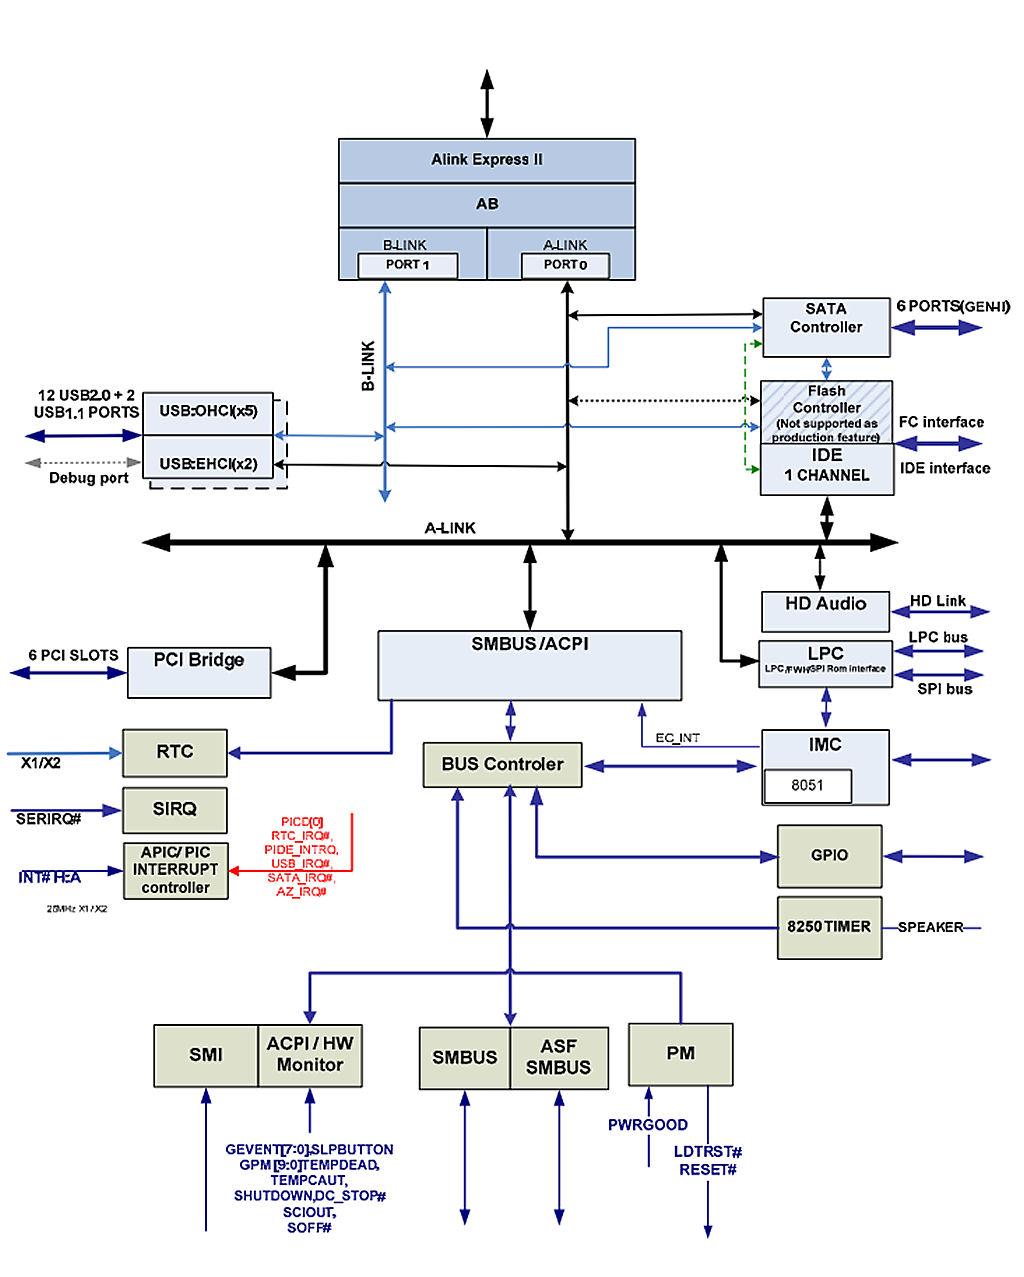 Review Placa Me Pcware Apm80 D3 Ztop Zumo 8051 Circuit Diagram E Ao Contrrio De Outras Placas Que Vimos Recentemente O Soquete Atx Para Processador Da Ainda Do Tipo Mais Simples Com Apenas Quatro Vias